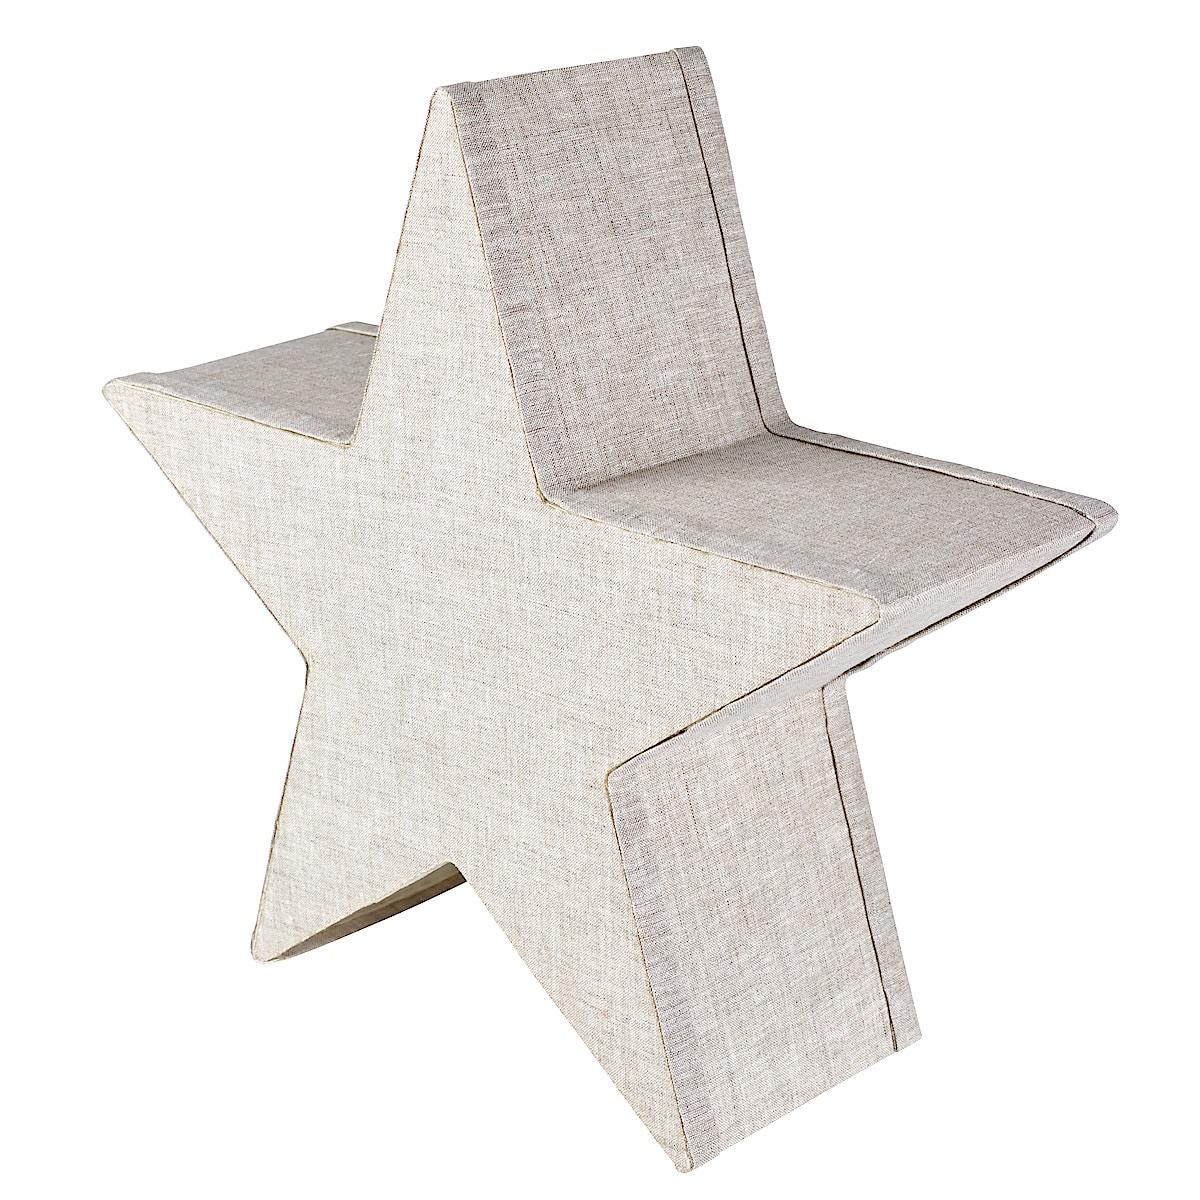 Linstjerne